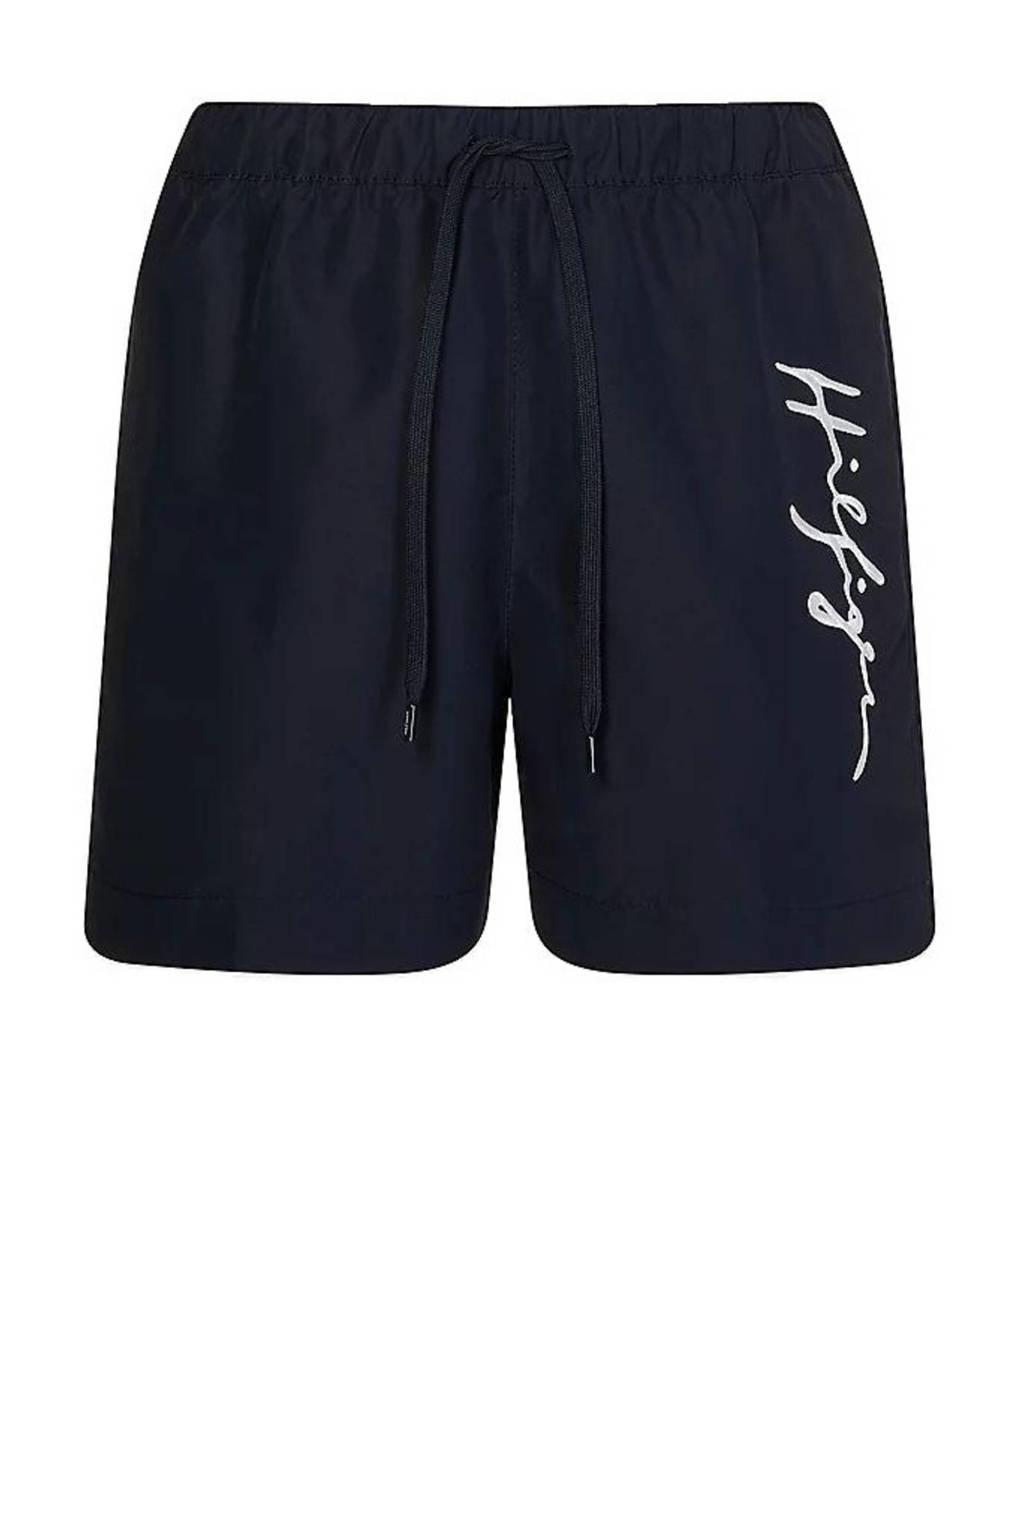 Tommy Hilfiger zwemshort donkerblauw, Donkerblauw